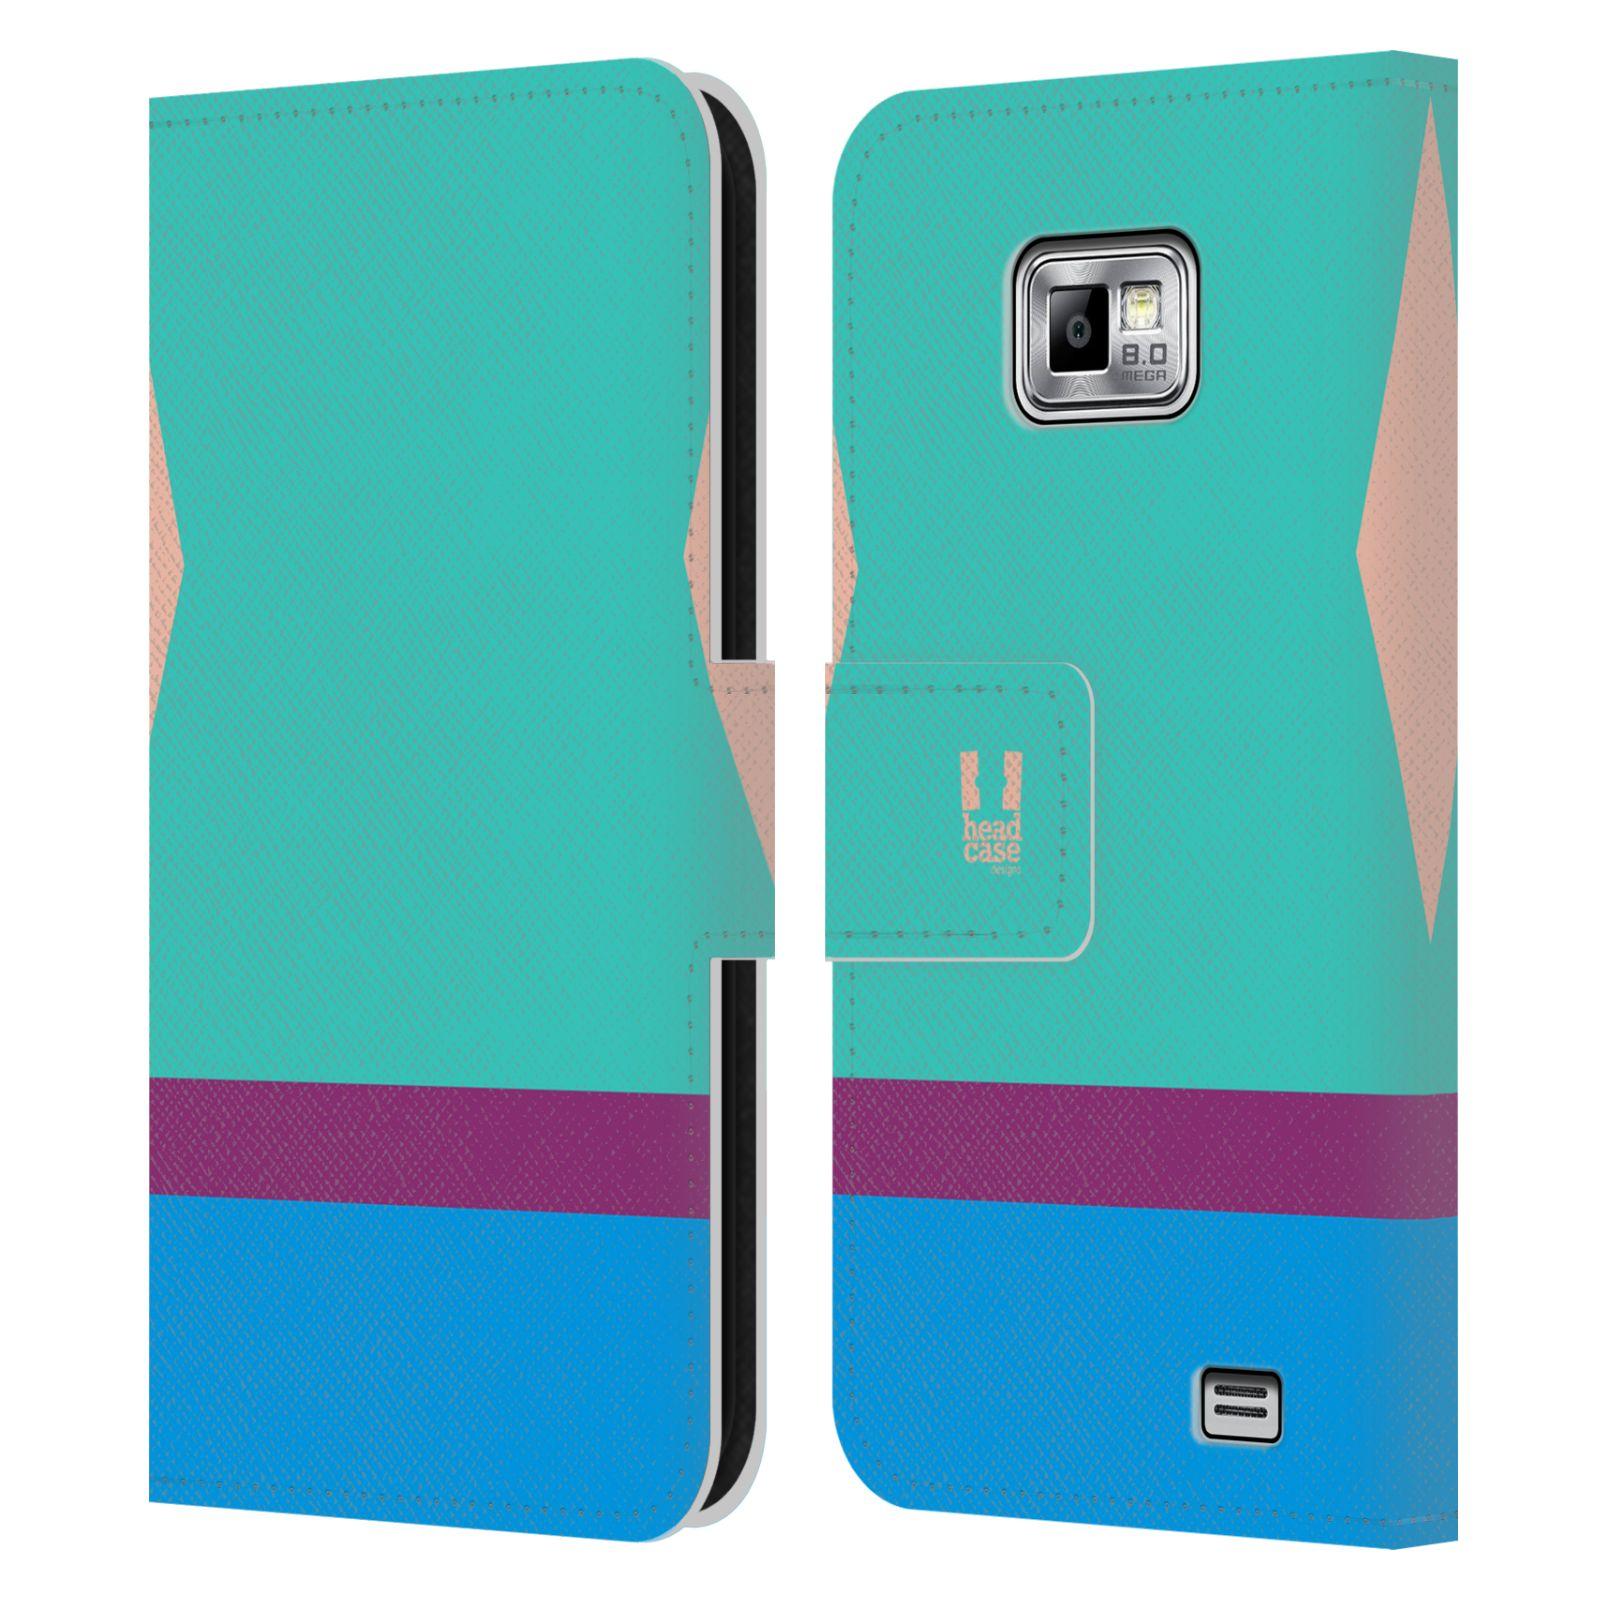 HEAD CASE Flipové pouzdro pro mobil Samsung Galaxy S2 i9100 barevné tvary modrá a fialový pruh